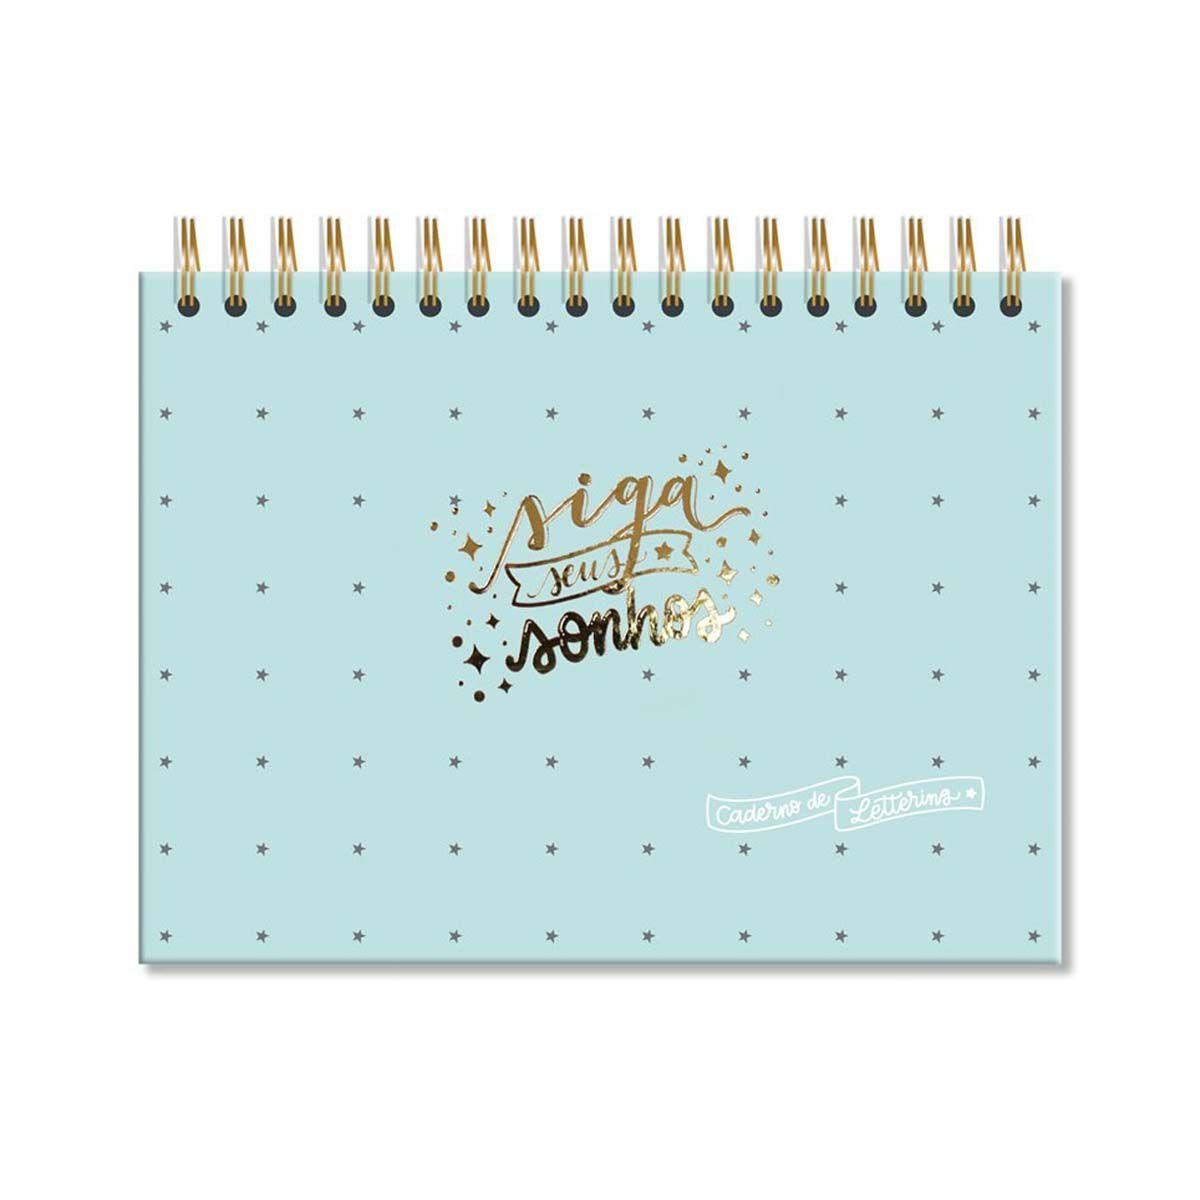 Caderno de Lettering Fls Brancas  - Papel Pautado